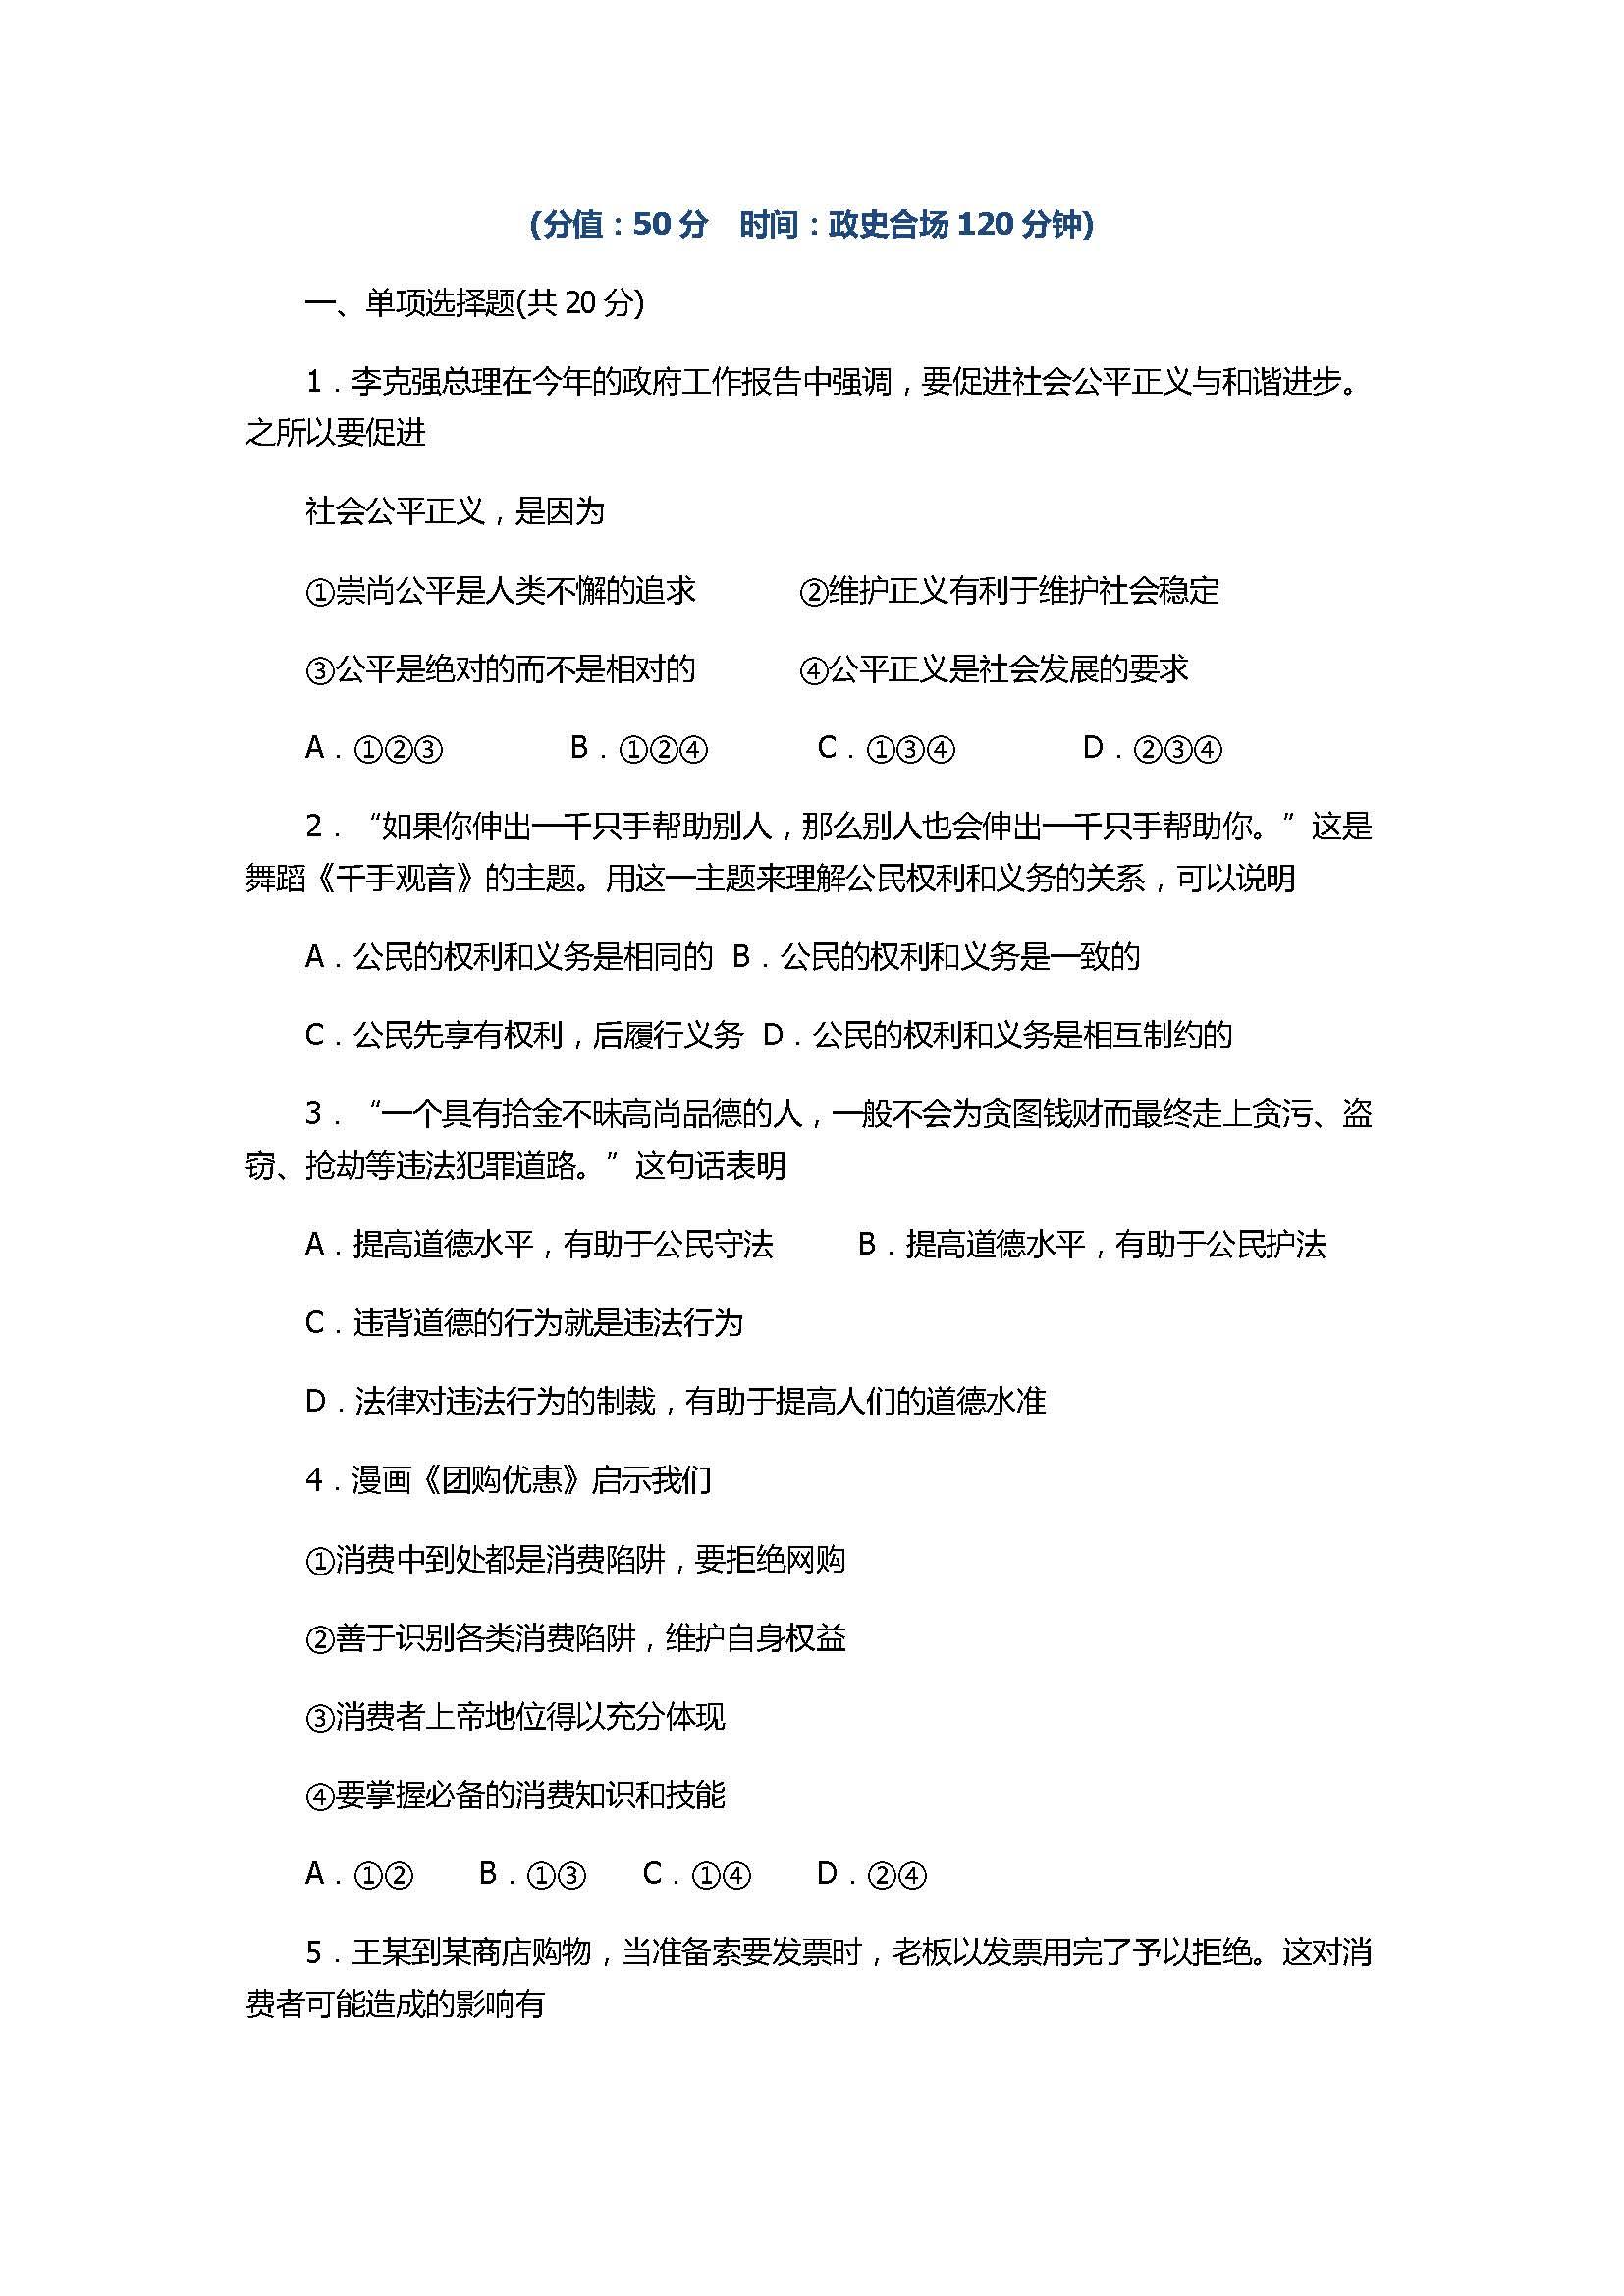 泰兴市2017八年级政治下册期末试卷含参考答案(苏教版)